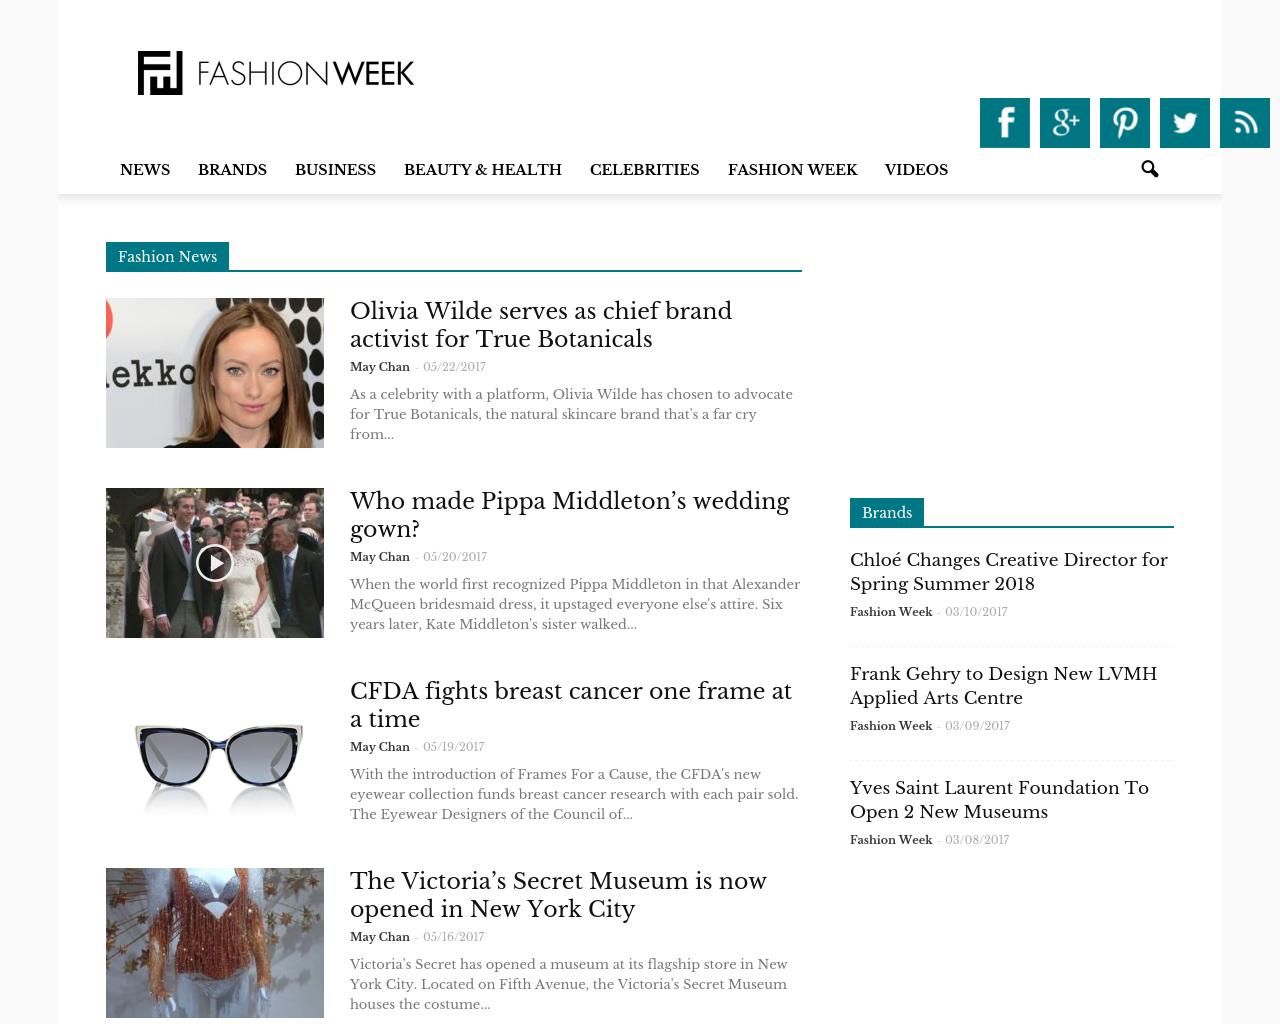 Fashion-Week-Advertising-Reviews-Pricing